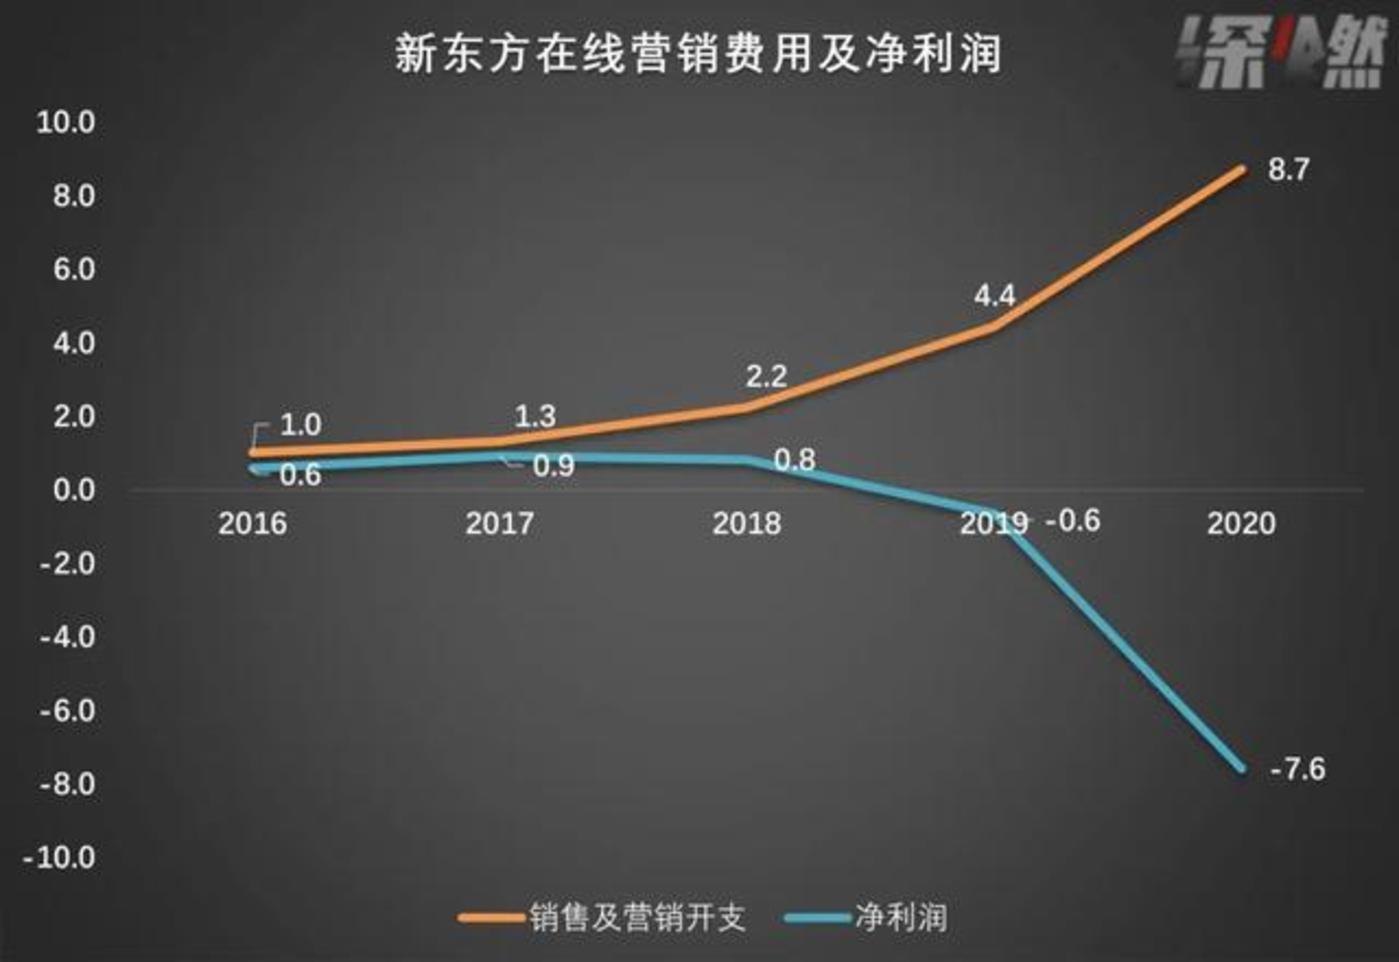 新东方在线各财年营销费用和净利润 制图 /深燃